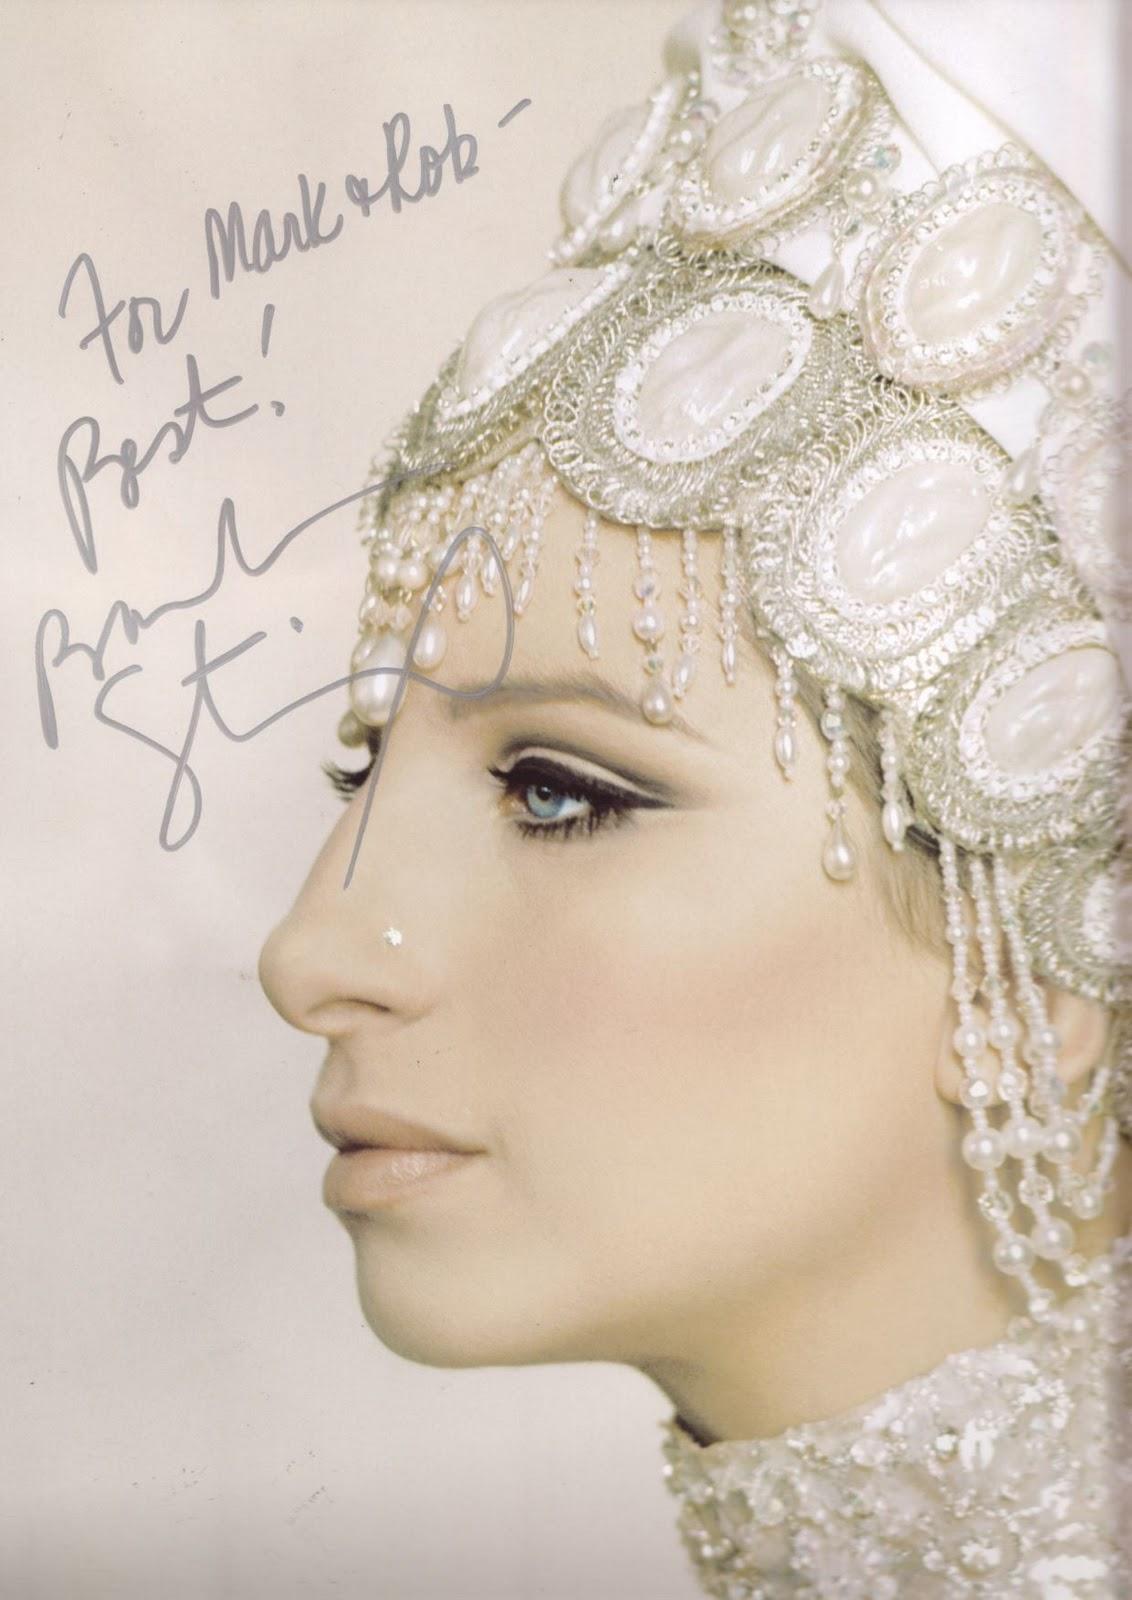 http://4.bp.blogspot.com/_9Izdq8bedtQ/TUOnL87U5xI/AAAAAAAAiac/sZJVFih8I_Q/s1600/Barbra_Streisand-r858318.jpg